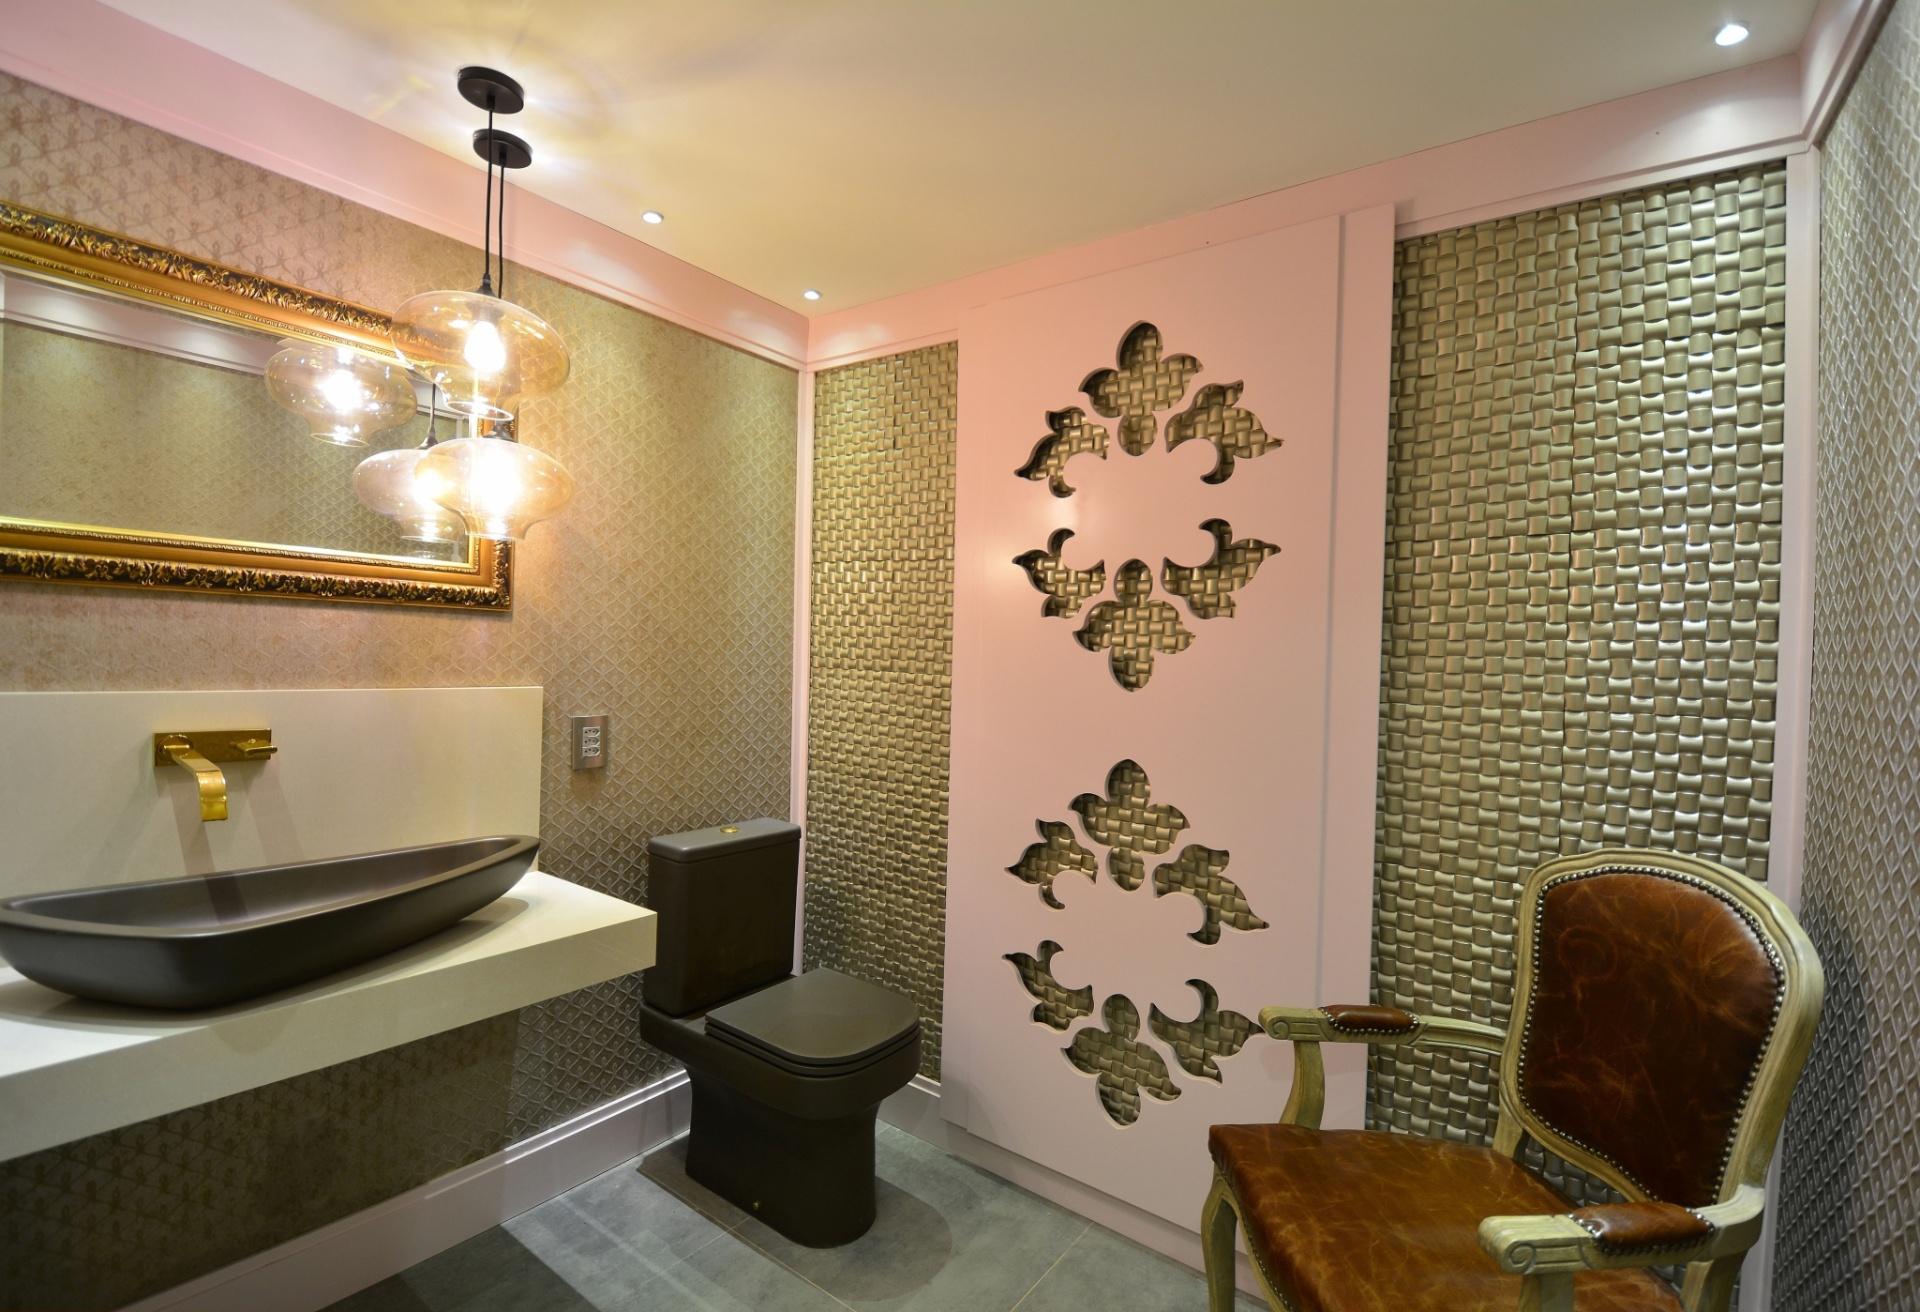 No Lavabo Funcional Feminino, desenhado pela arquiteta Marie Hellen Mafaldo Bottcher, os tons neutros remetem aos metais preciosos e dão um ar luxuoso, apesar da mistura de texturas. No ambiente, as releituras clássicas estão nos arabescos recortados a laser no painel, na moldura do espelho e na cadeira de estilo medalhão. A Casa Cor Rio Grande do Sul fica em cartaz até dia 9 de agosto de 2015, na Rua Comendador Reighantz, 903, em Porto Alegre. Outras informações: www.casacor.com.br